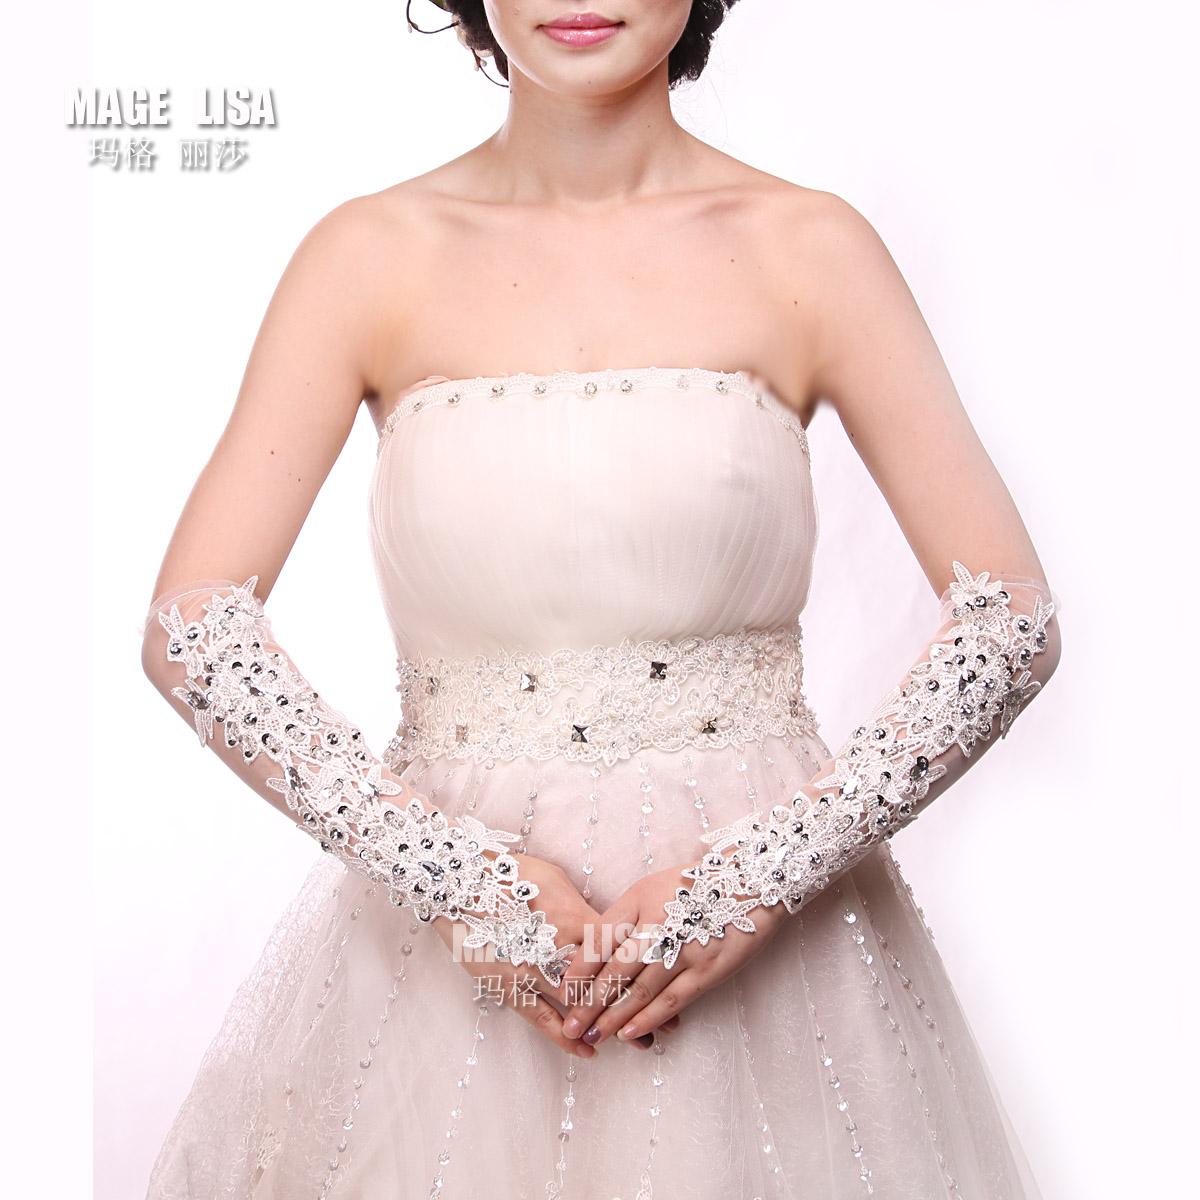 Белые летние кружевные перчатки красные перчатки длинные magelisha Перчатка перчатки алмаз невеста невеста